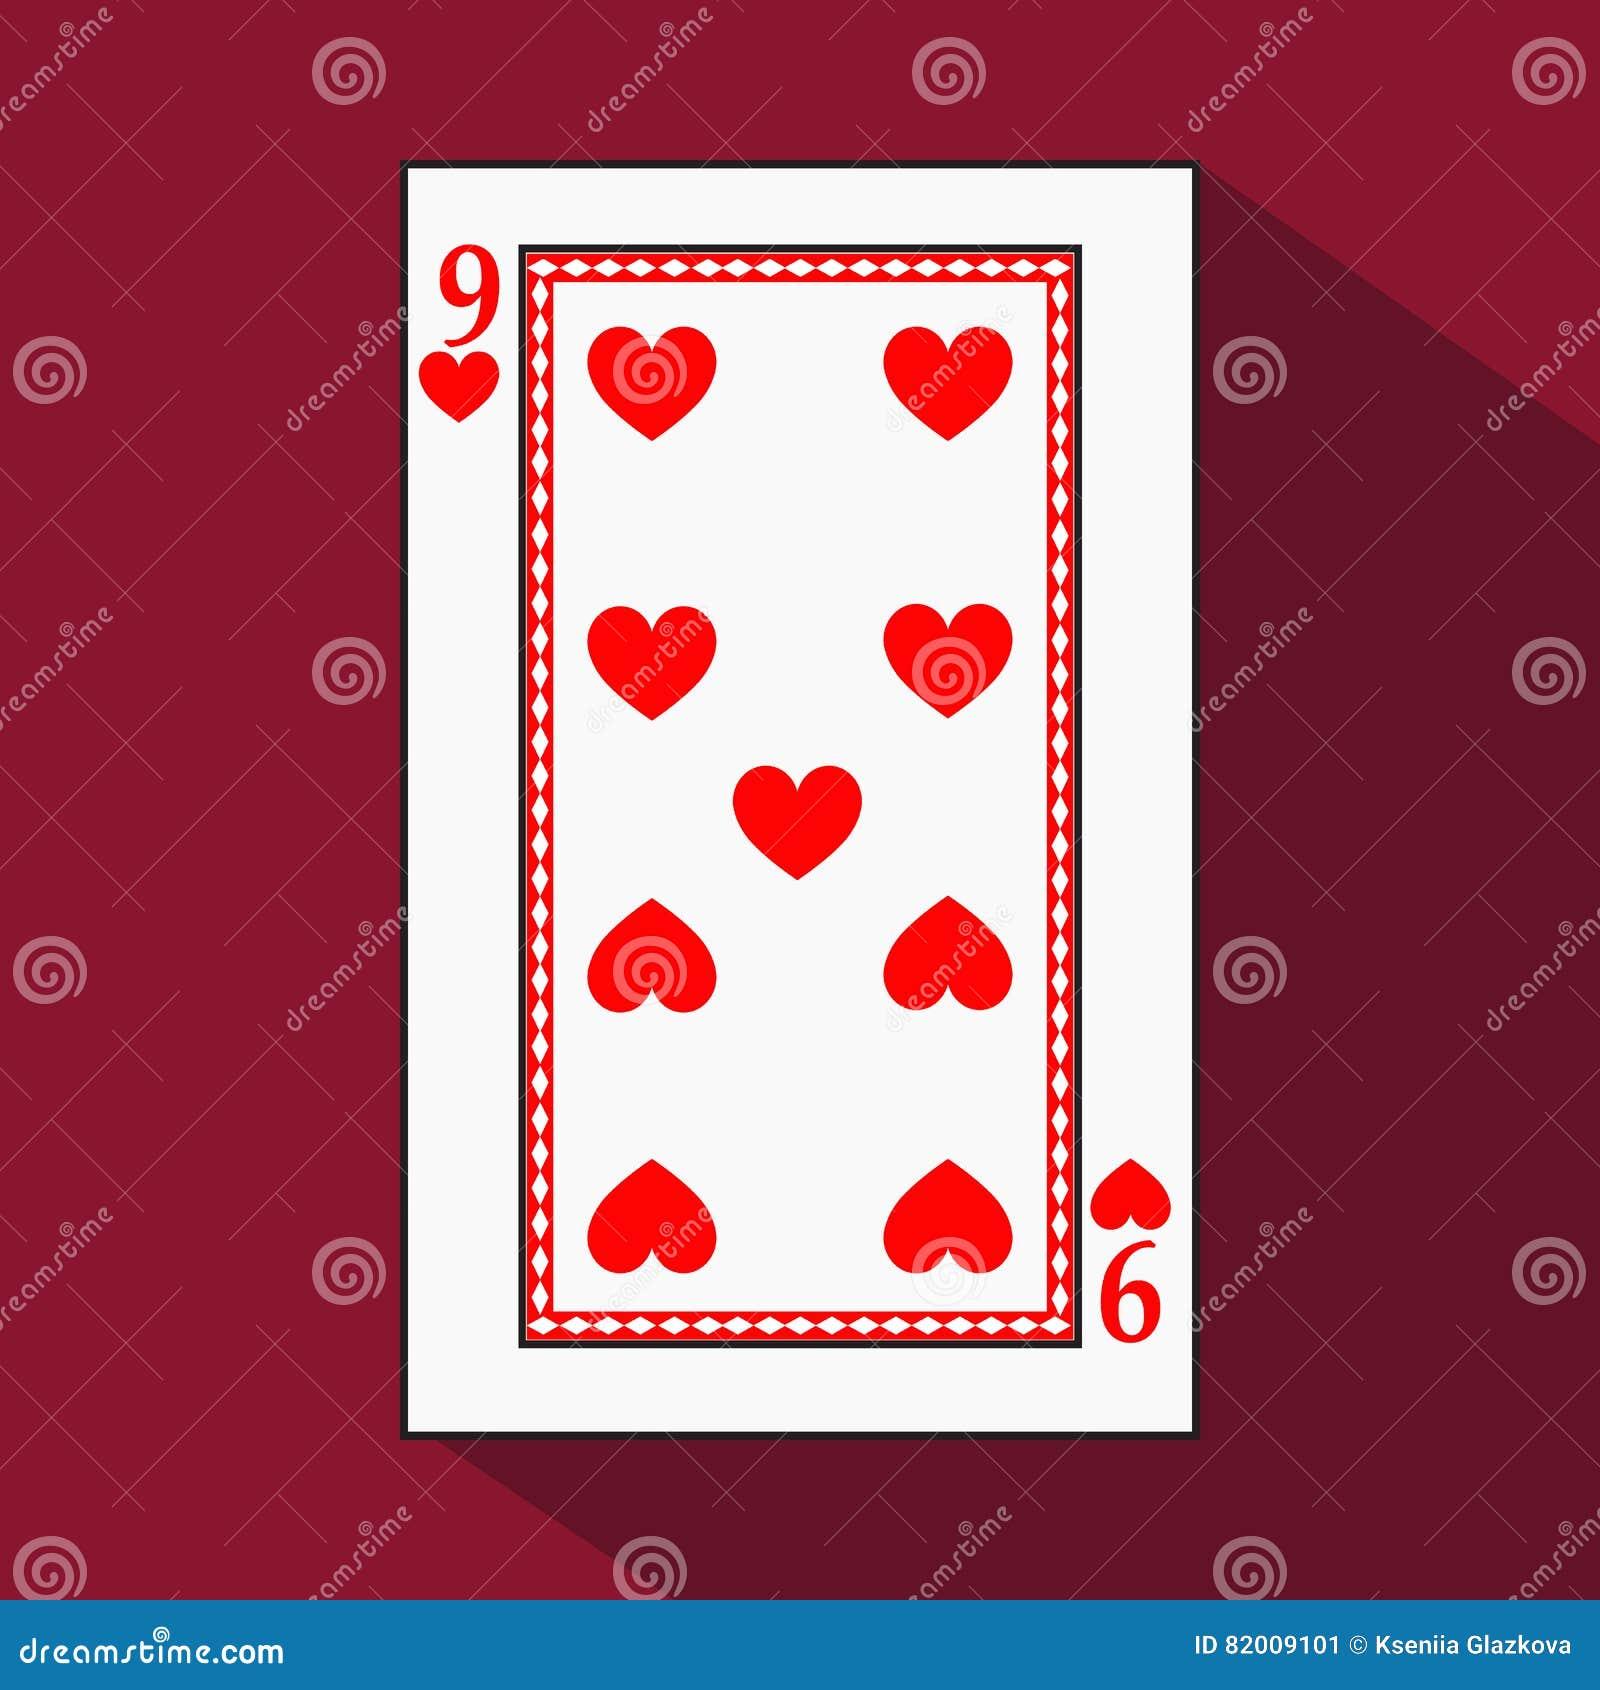 Spela kortet symbolsbilden är lätt HJÄRTA NIO 9 med vit en bassubstrate Illustration på röd bakgrund applicat